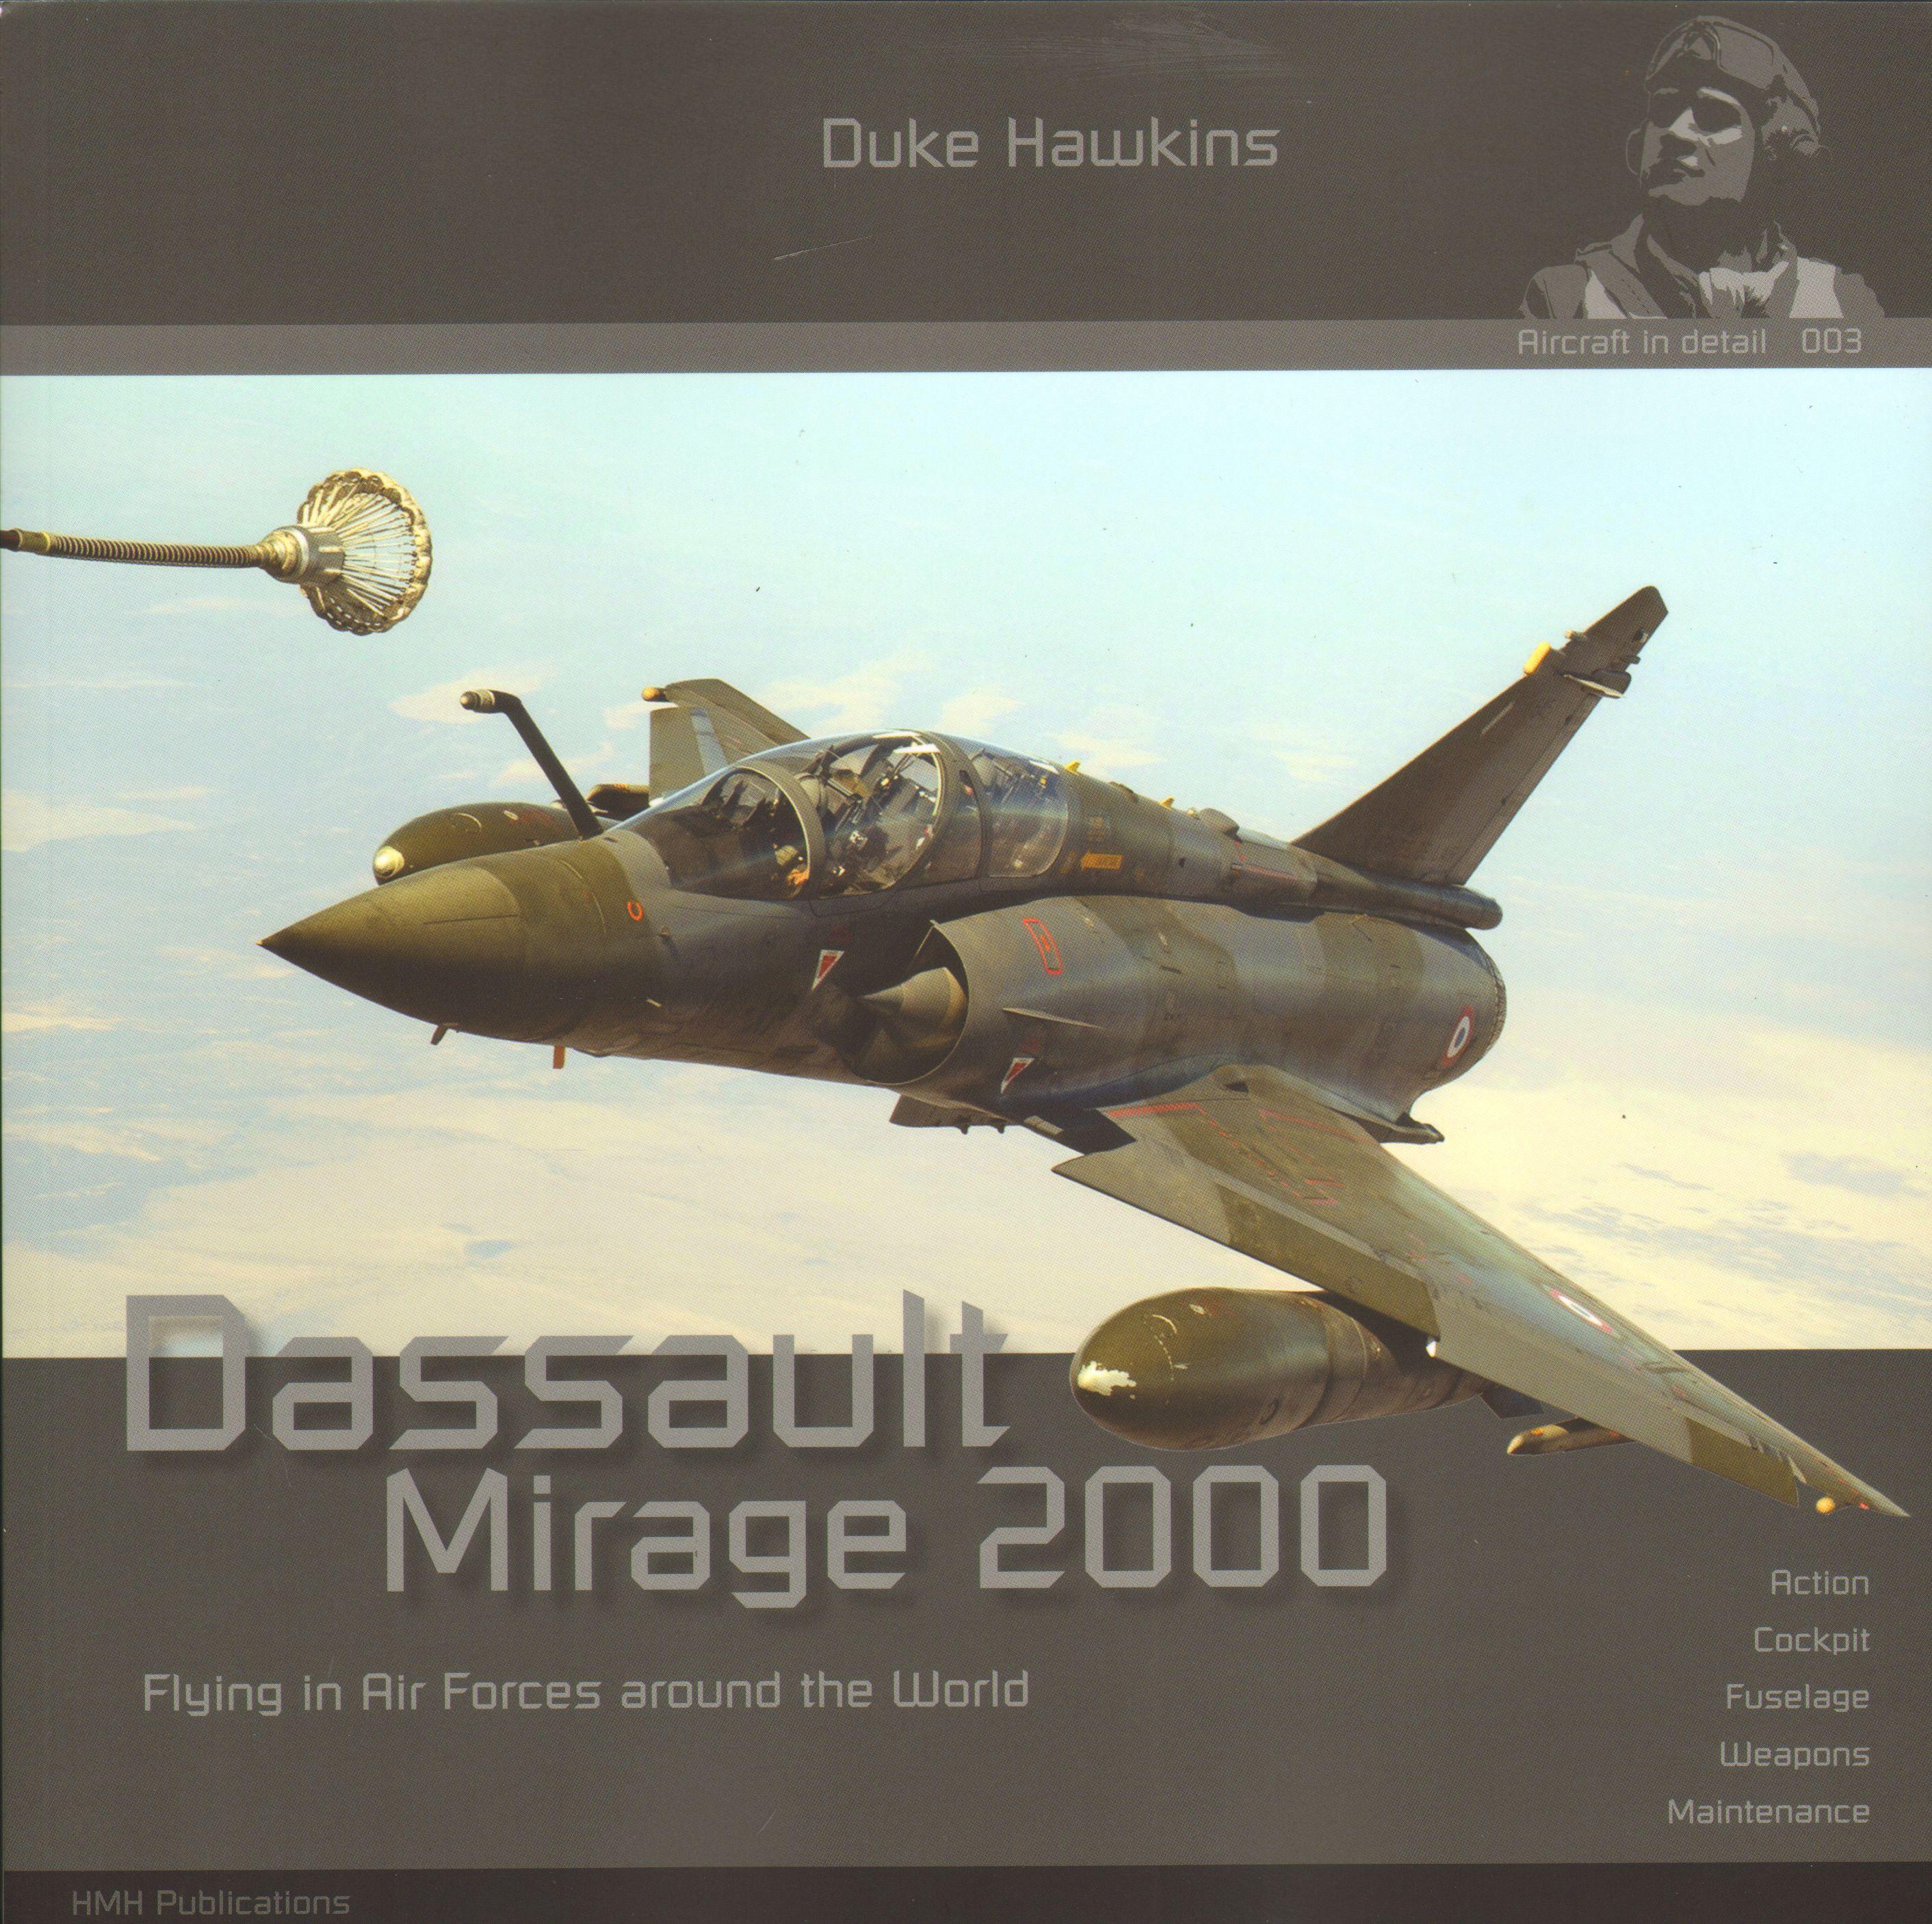 Duke Hawkins: Dassault Mirage 2000